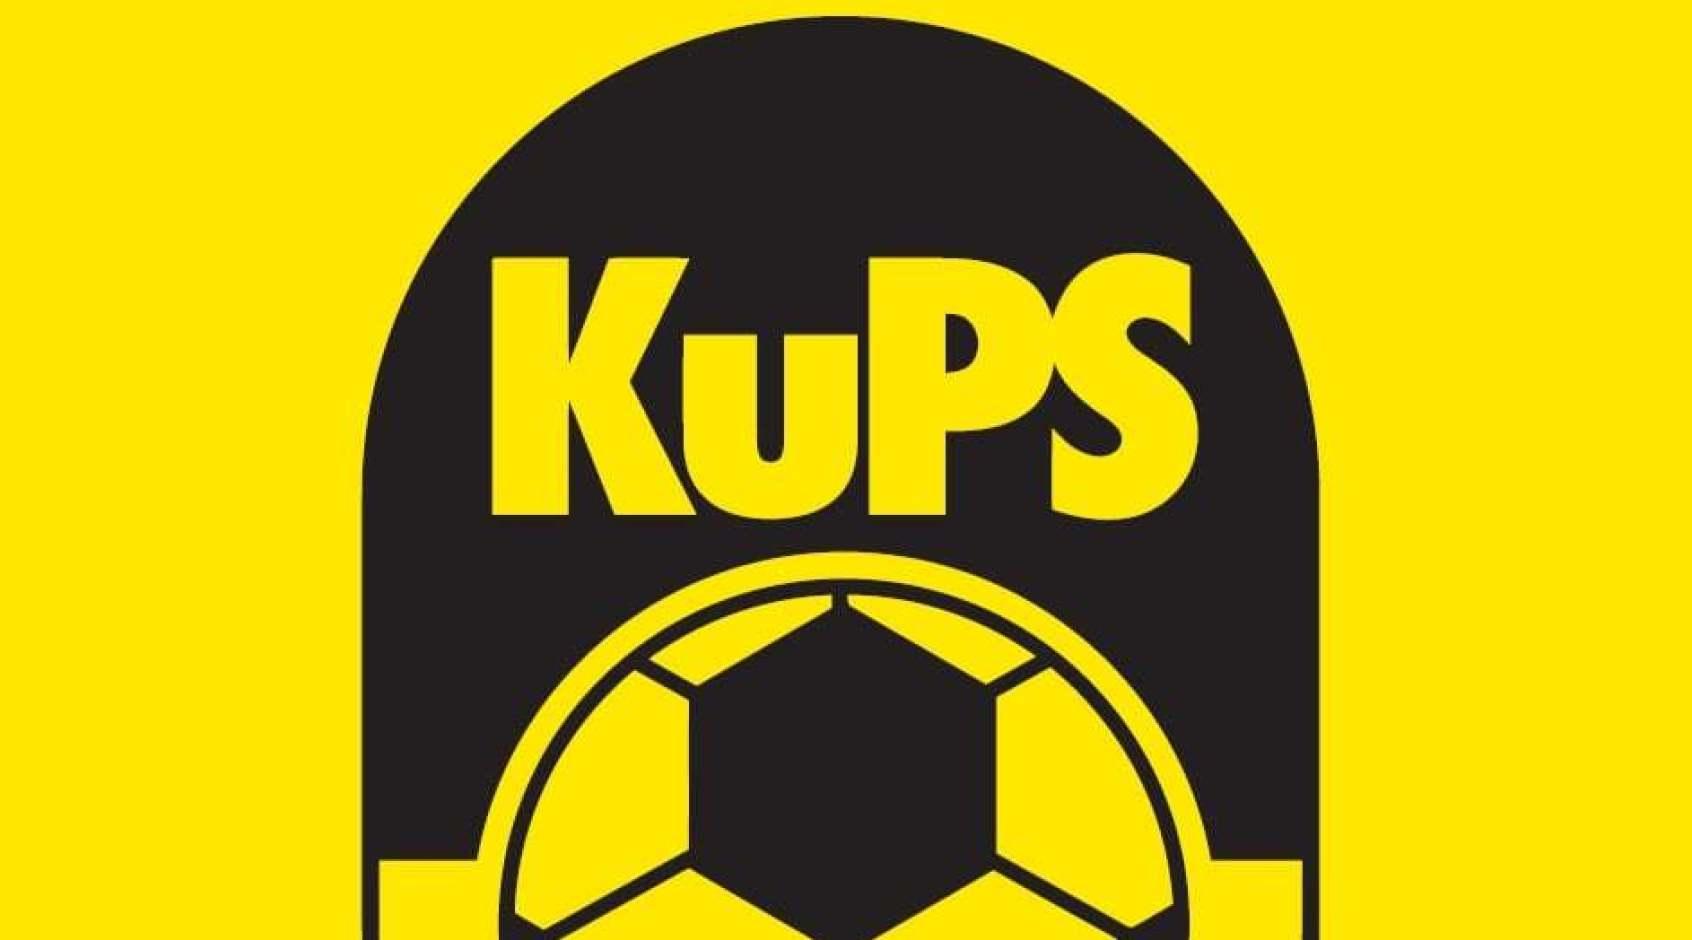 """Билеты на матч КуПС - """"Ворскла"""" стоят от 15 до 80 евро, иностранные болельщики не смогут попасть на игру"""